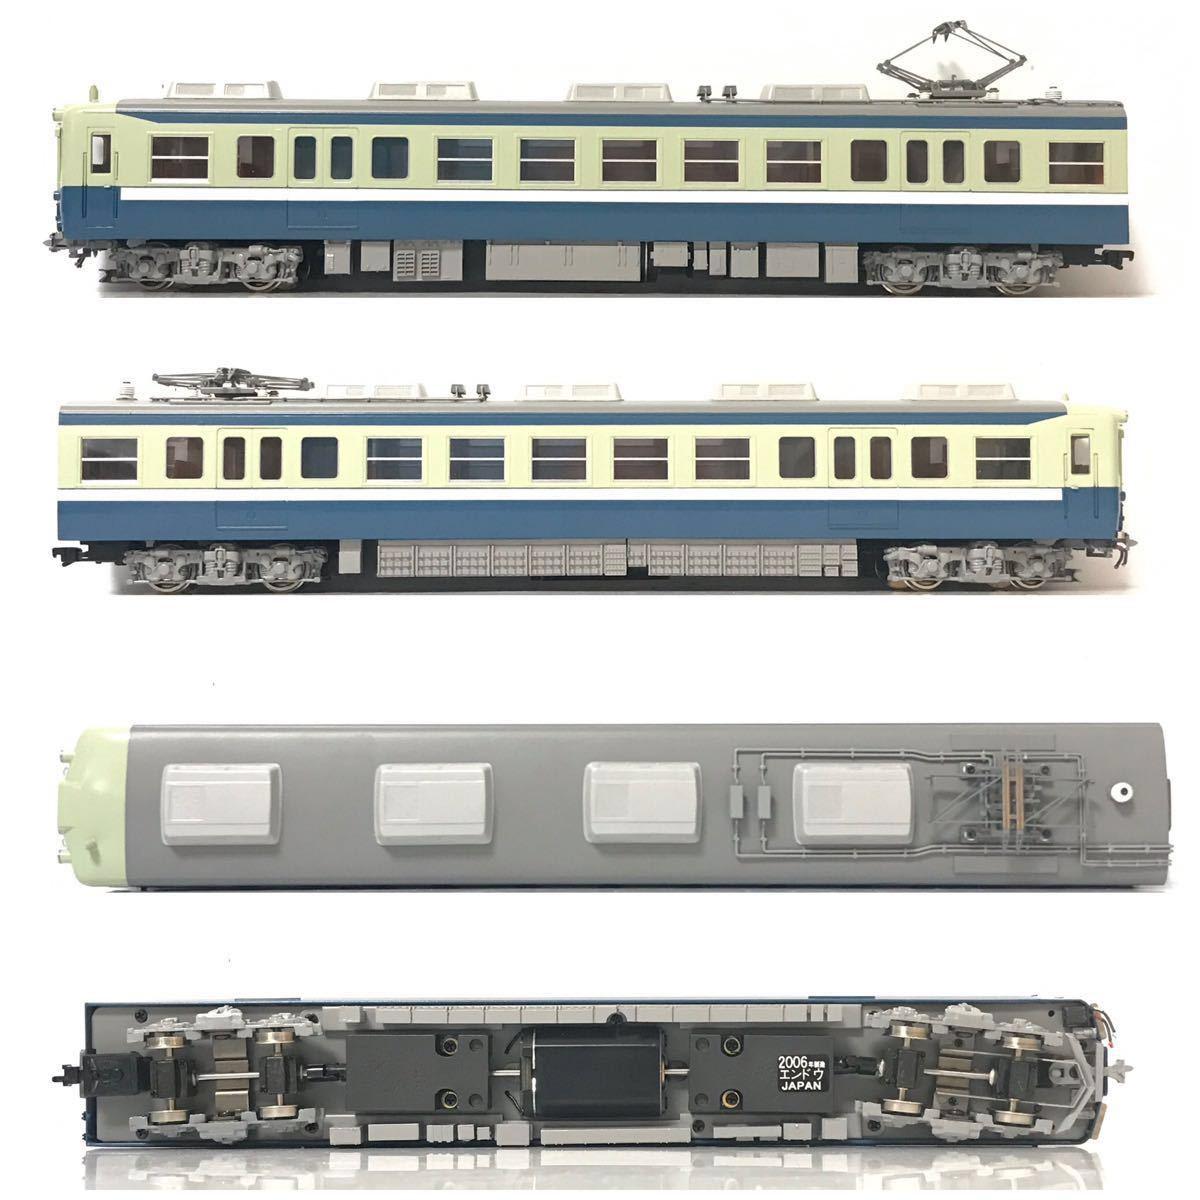 エンドウ2006年製 富士急行 5000形 電車2両セット 富士急行50th記念 HG MP 新品同様 S52ローレル賞_画像4